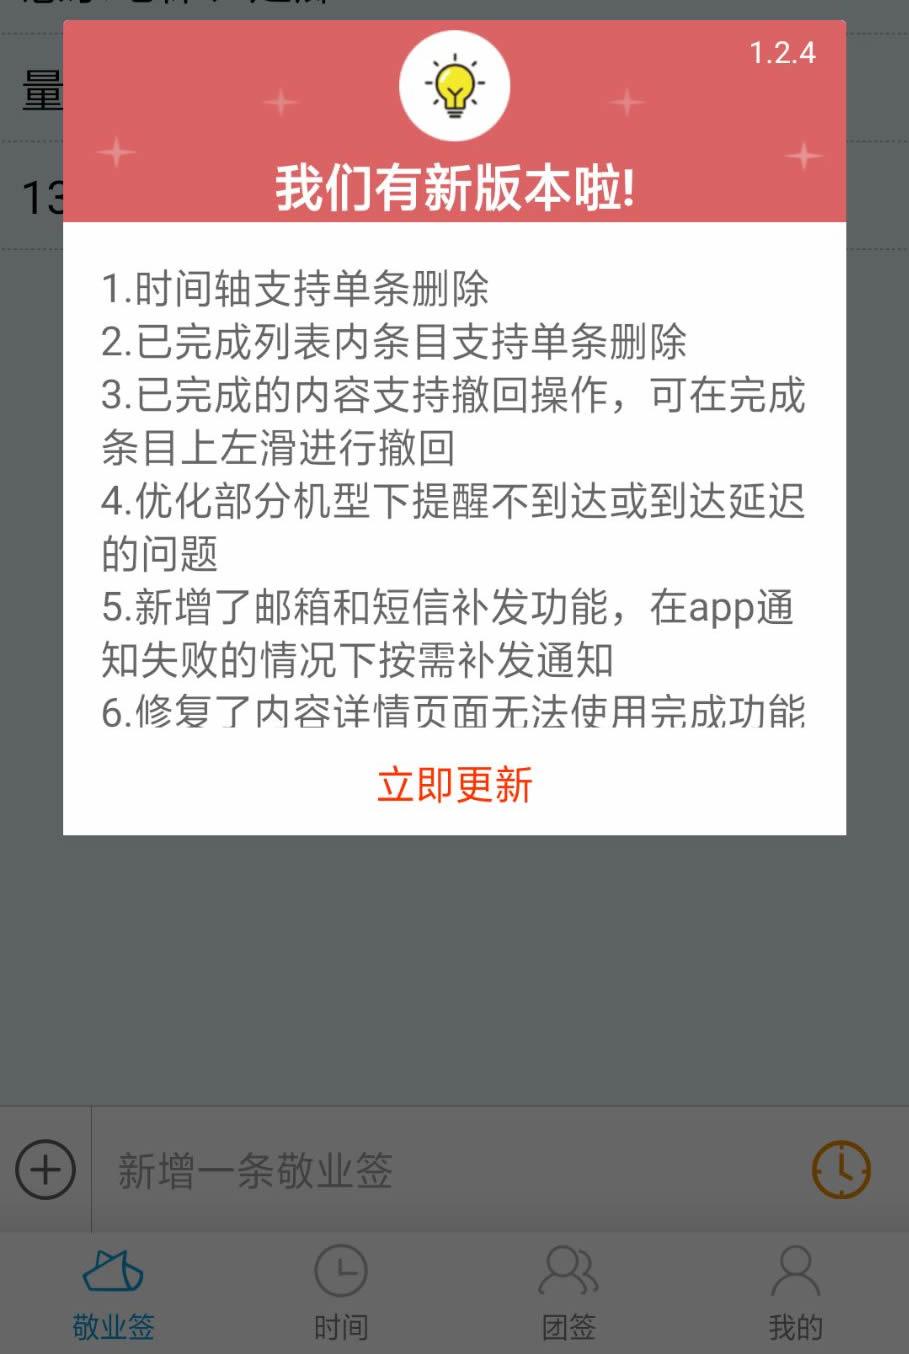 敬业签安卓手机便签:网络链接异常,请检查网络或稍后再试!